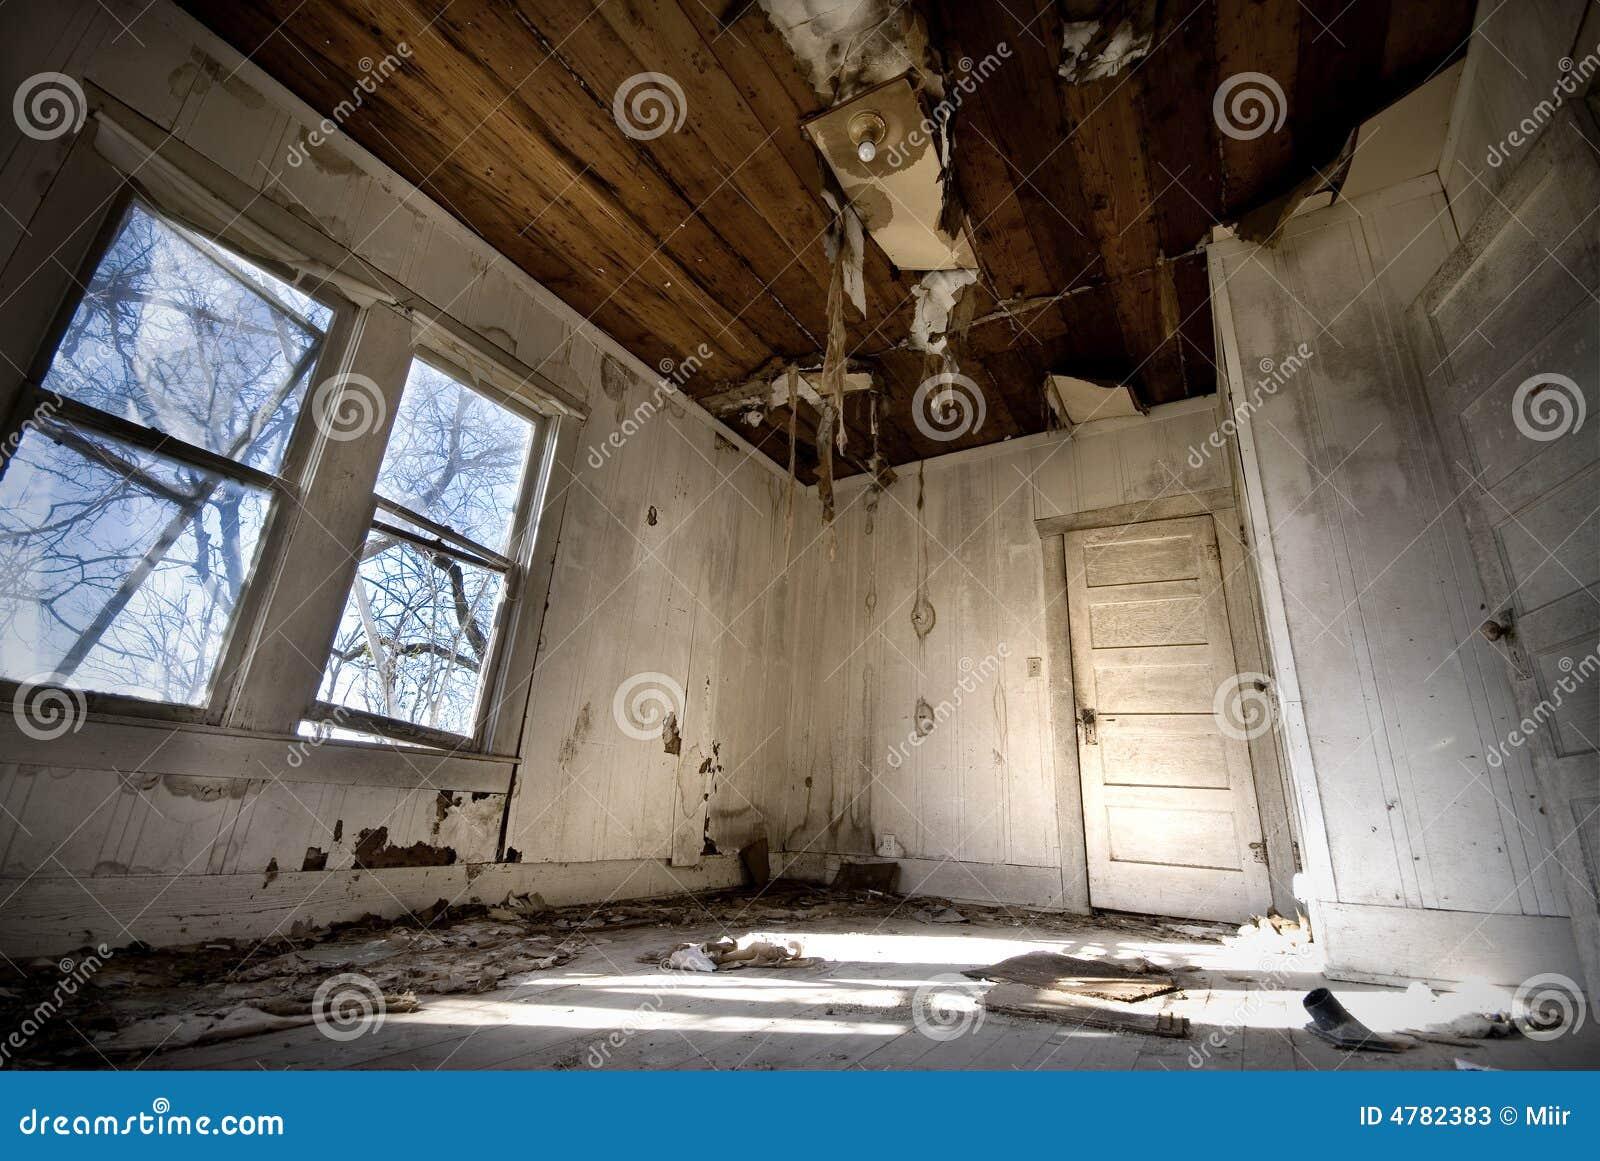 Vieille Chambre abandonnée - amélioration de l habitat requise